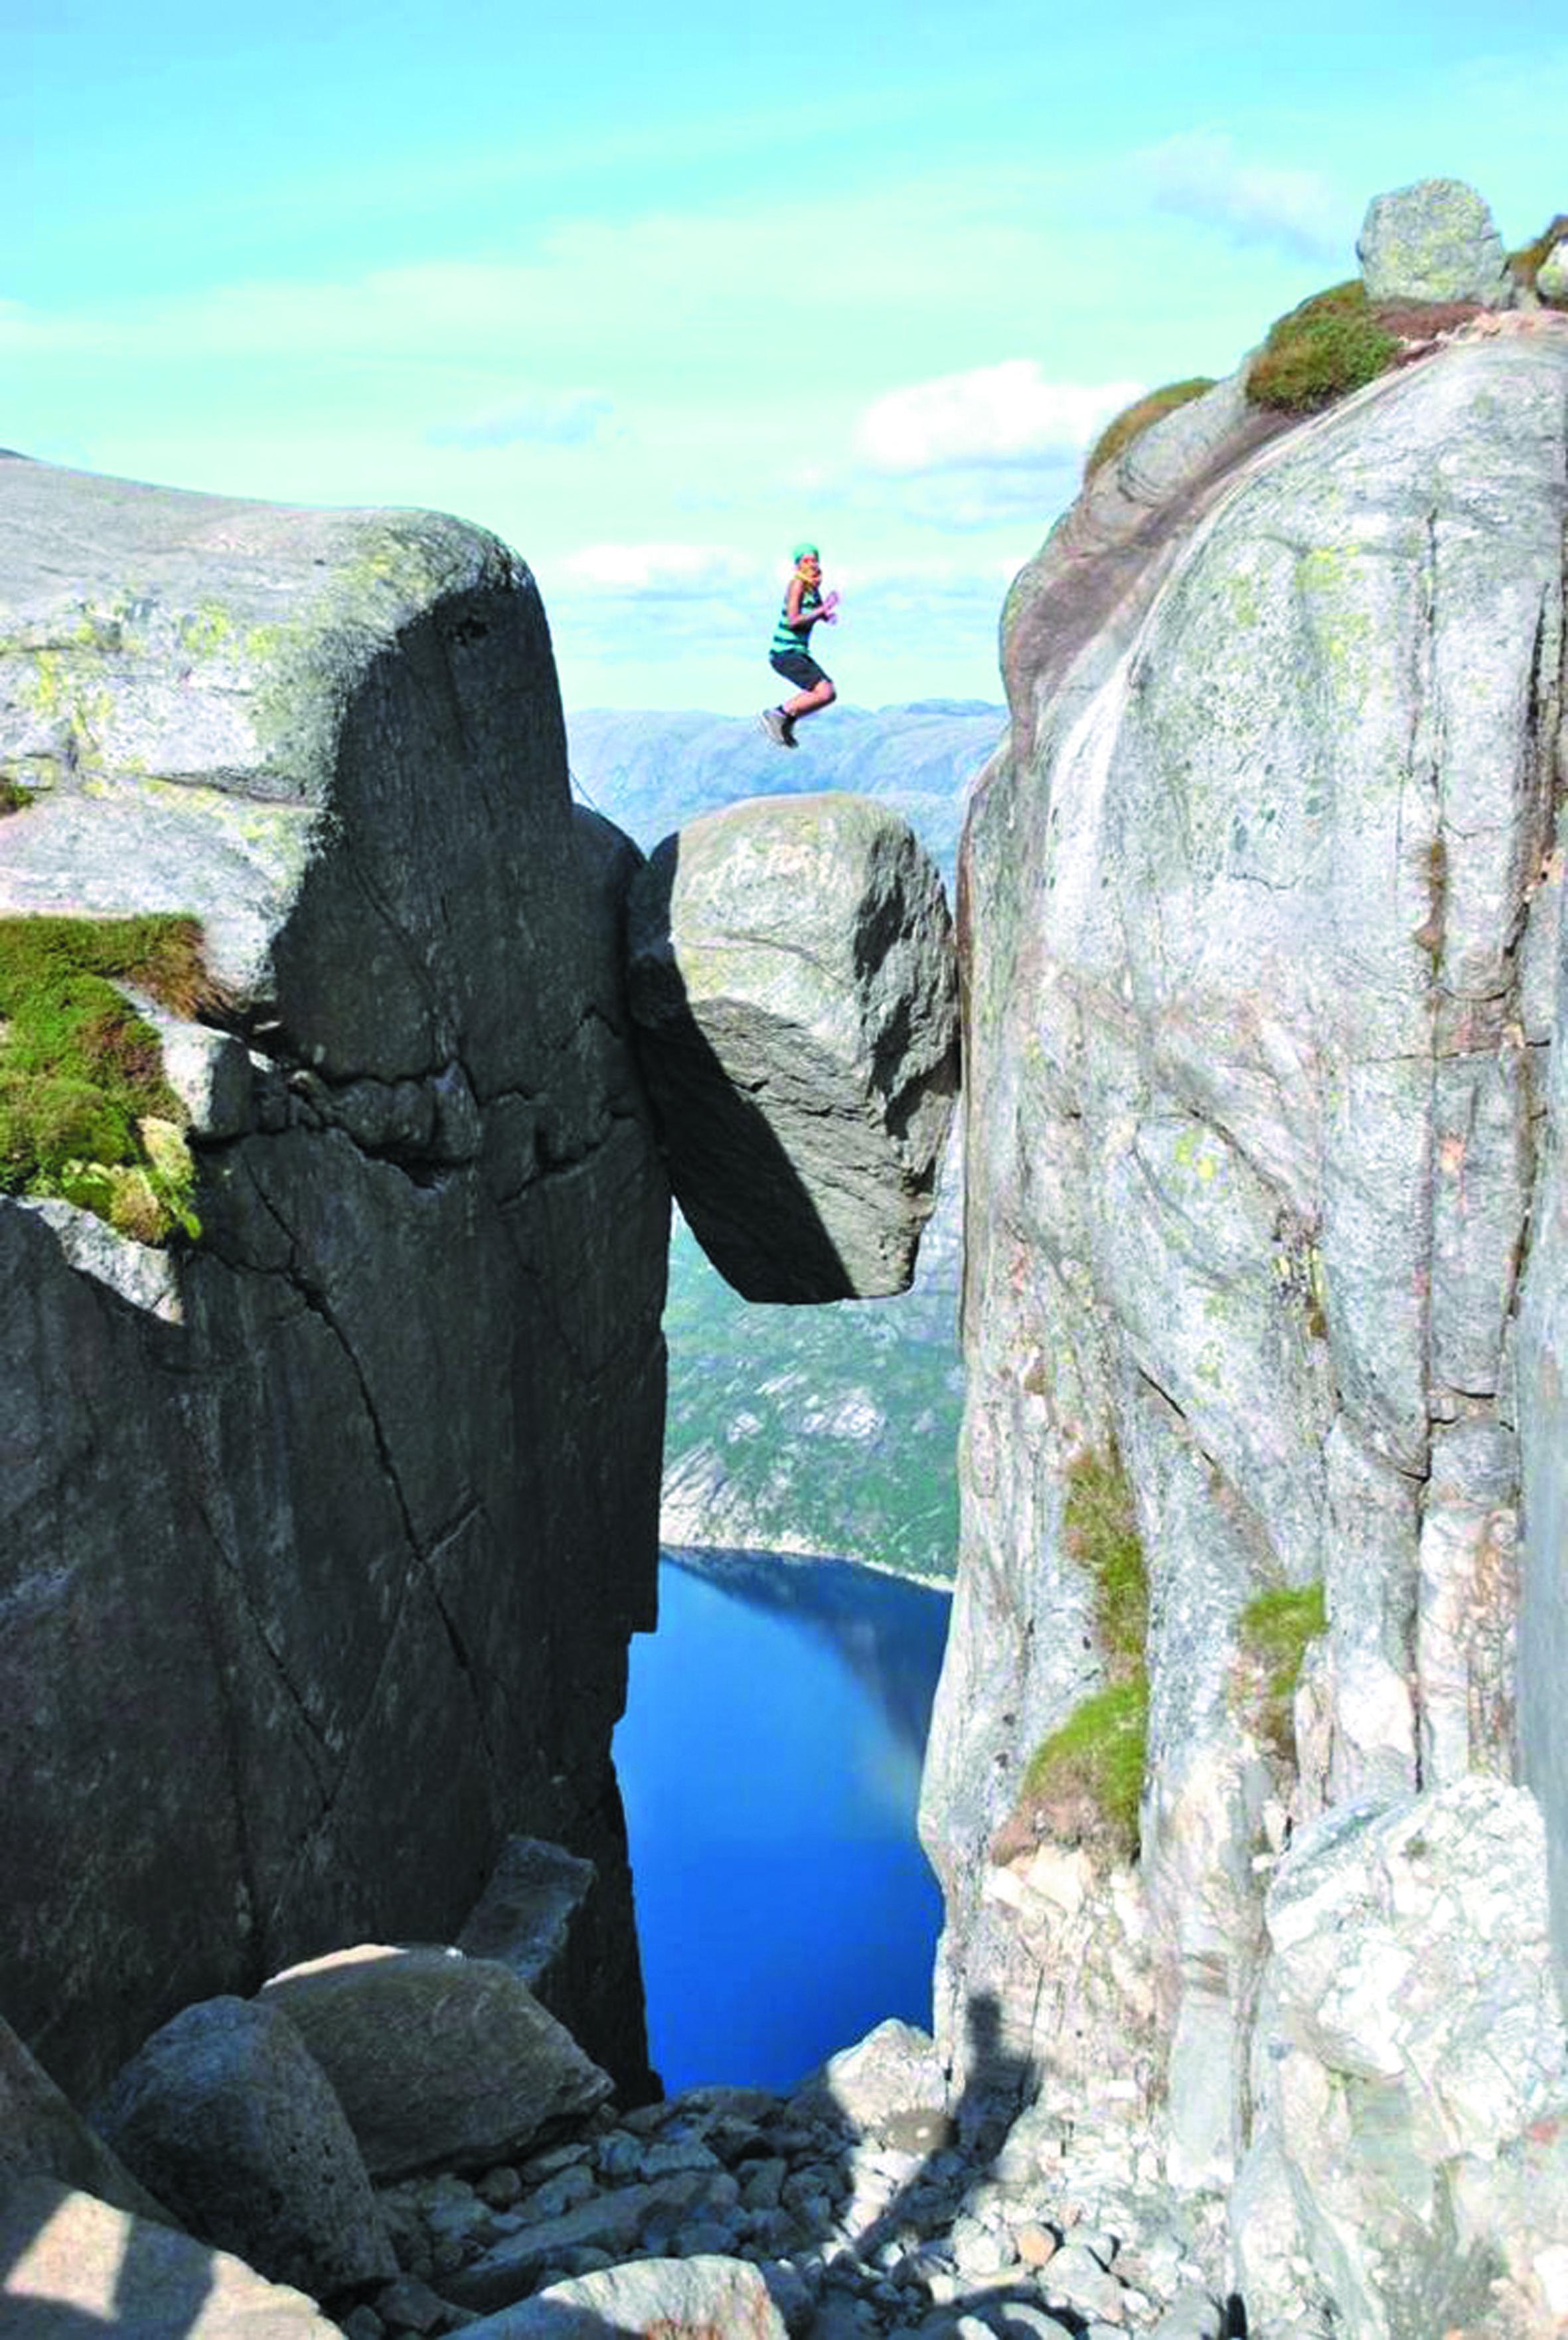 Les destinations les plus spectaculaires du monde : Kjeragbolten - Norvège